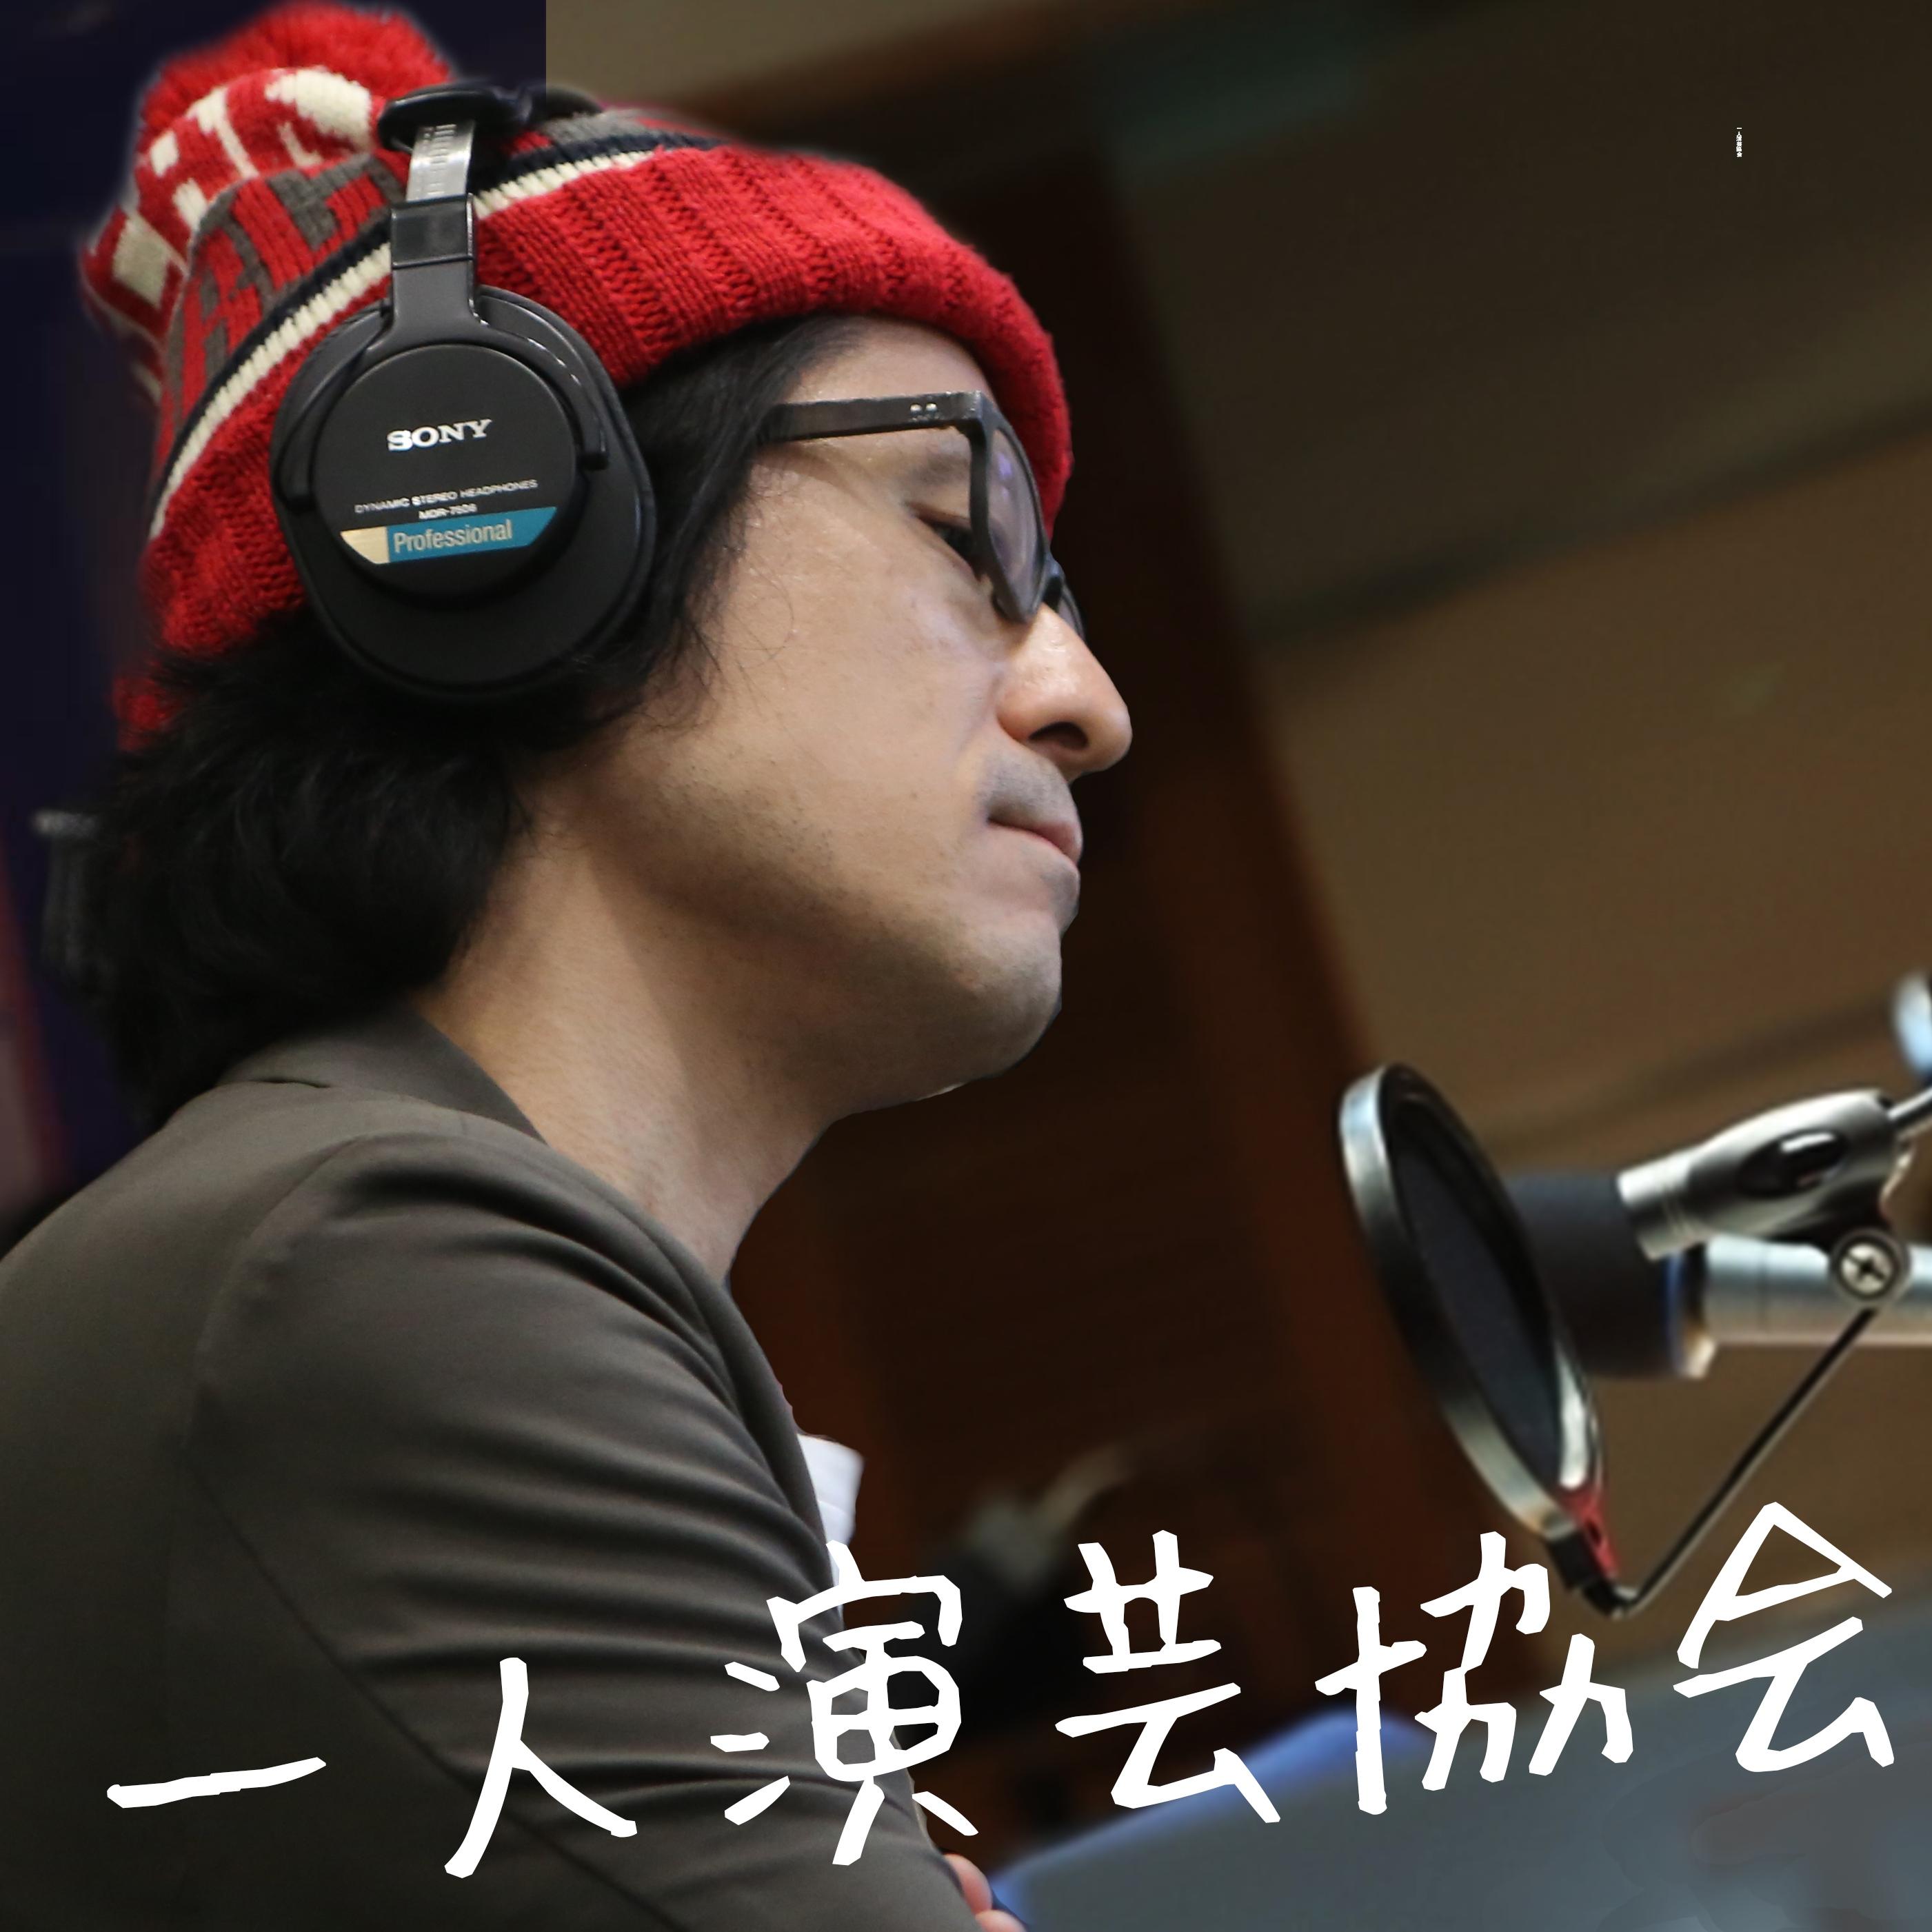 小池栄子は胸がでかいただの天才である #13